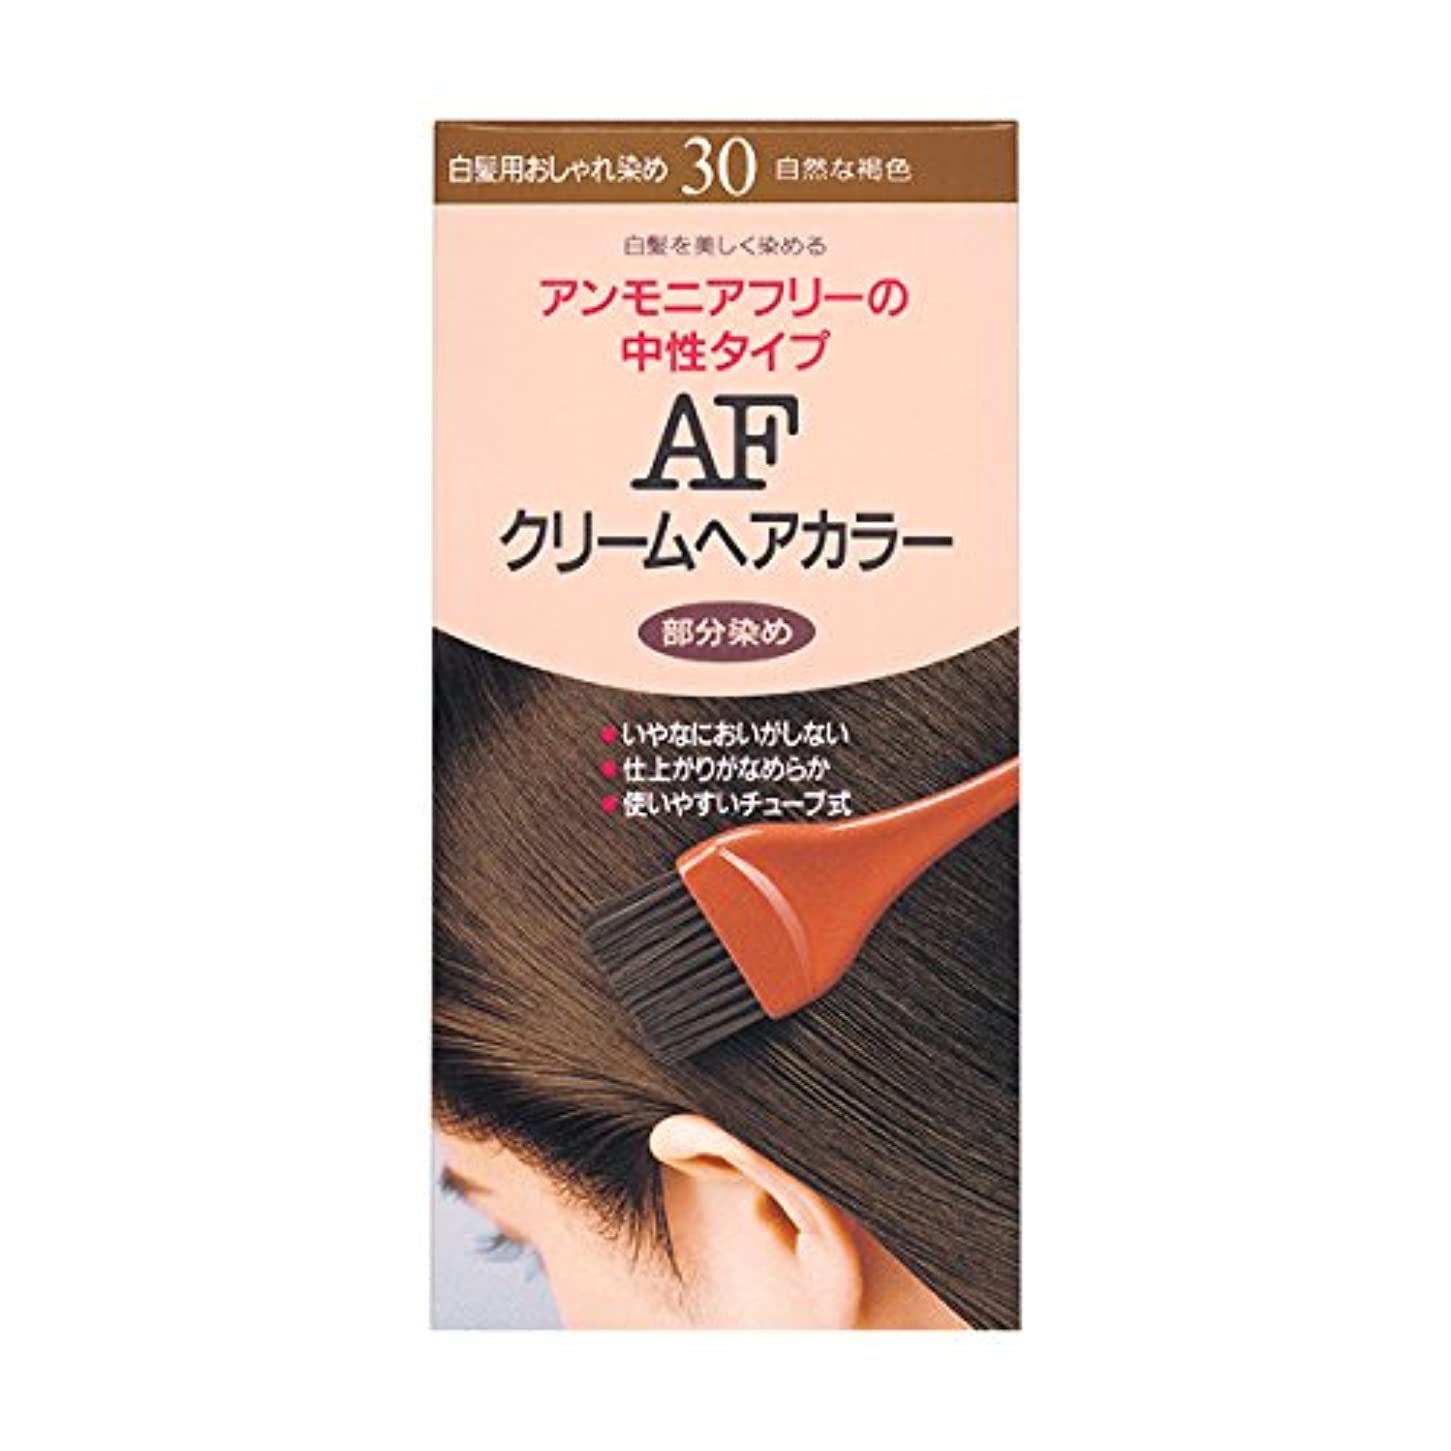 イベントスクリュー手を差し伸べるヘアカラー AFクリームヘアカラー 30 【医薬部外品】